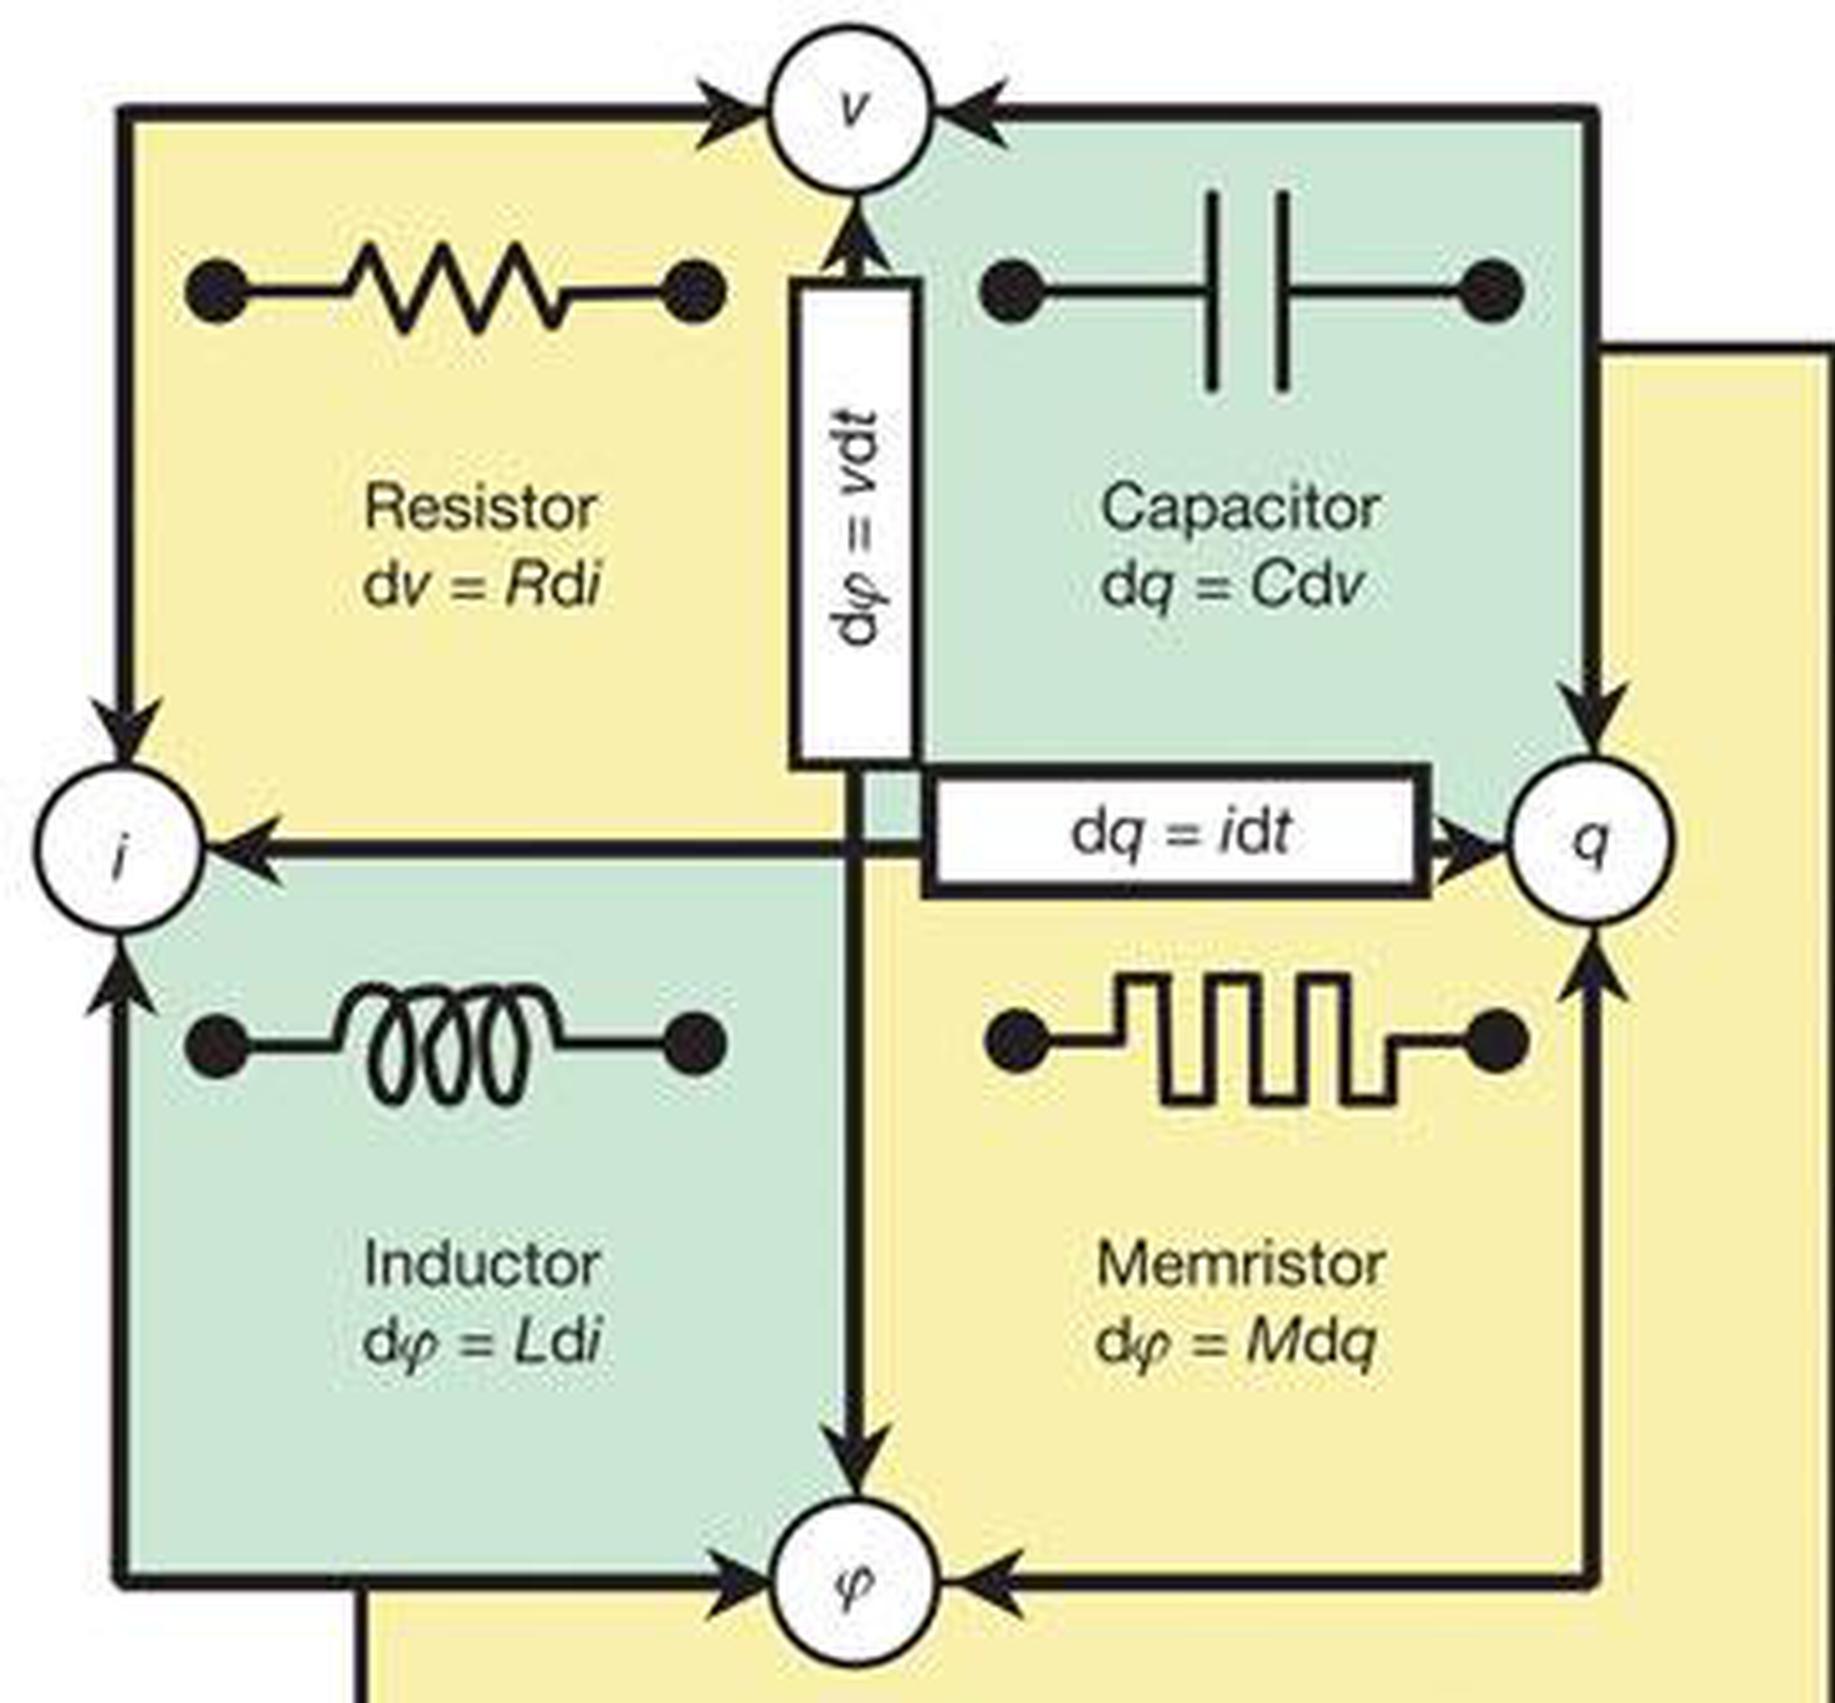 四大电路元件,忆阻在右下角